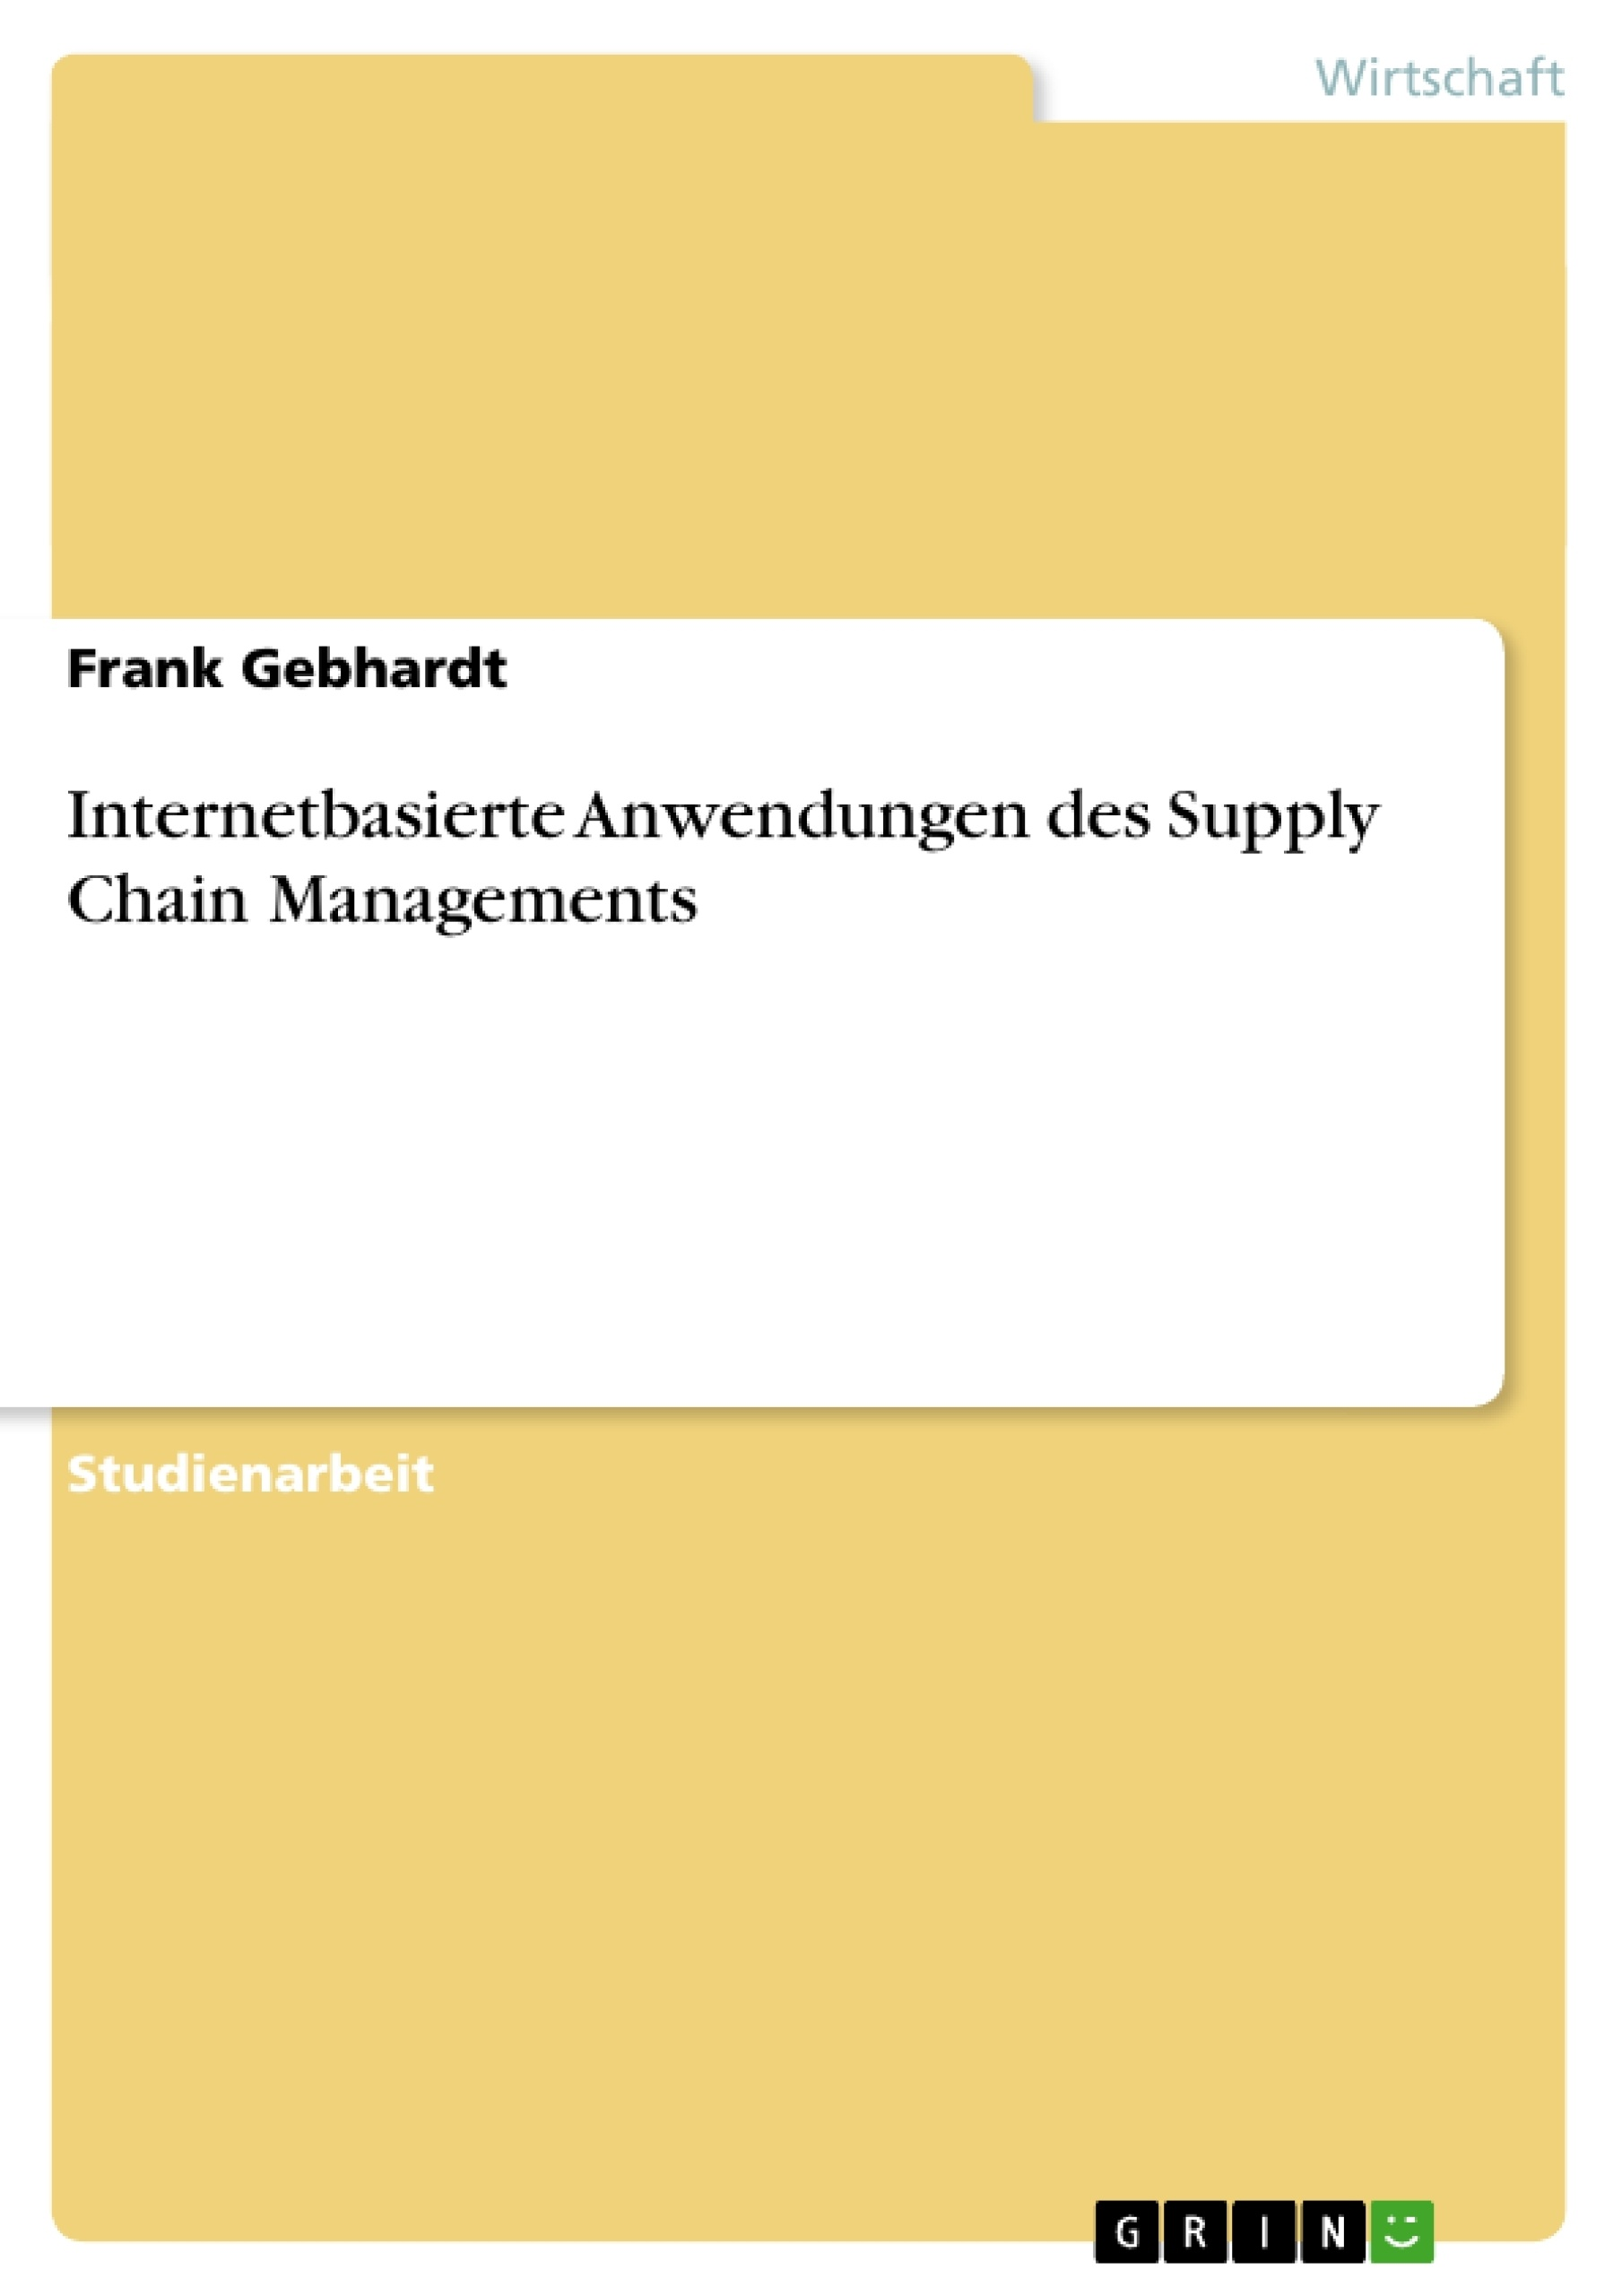 Titel: Internetbasierte Anwendungen des Supply Chain Managements